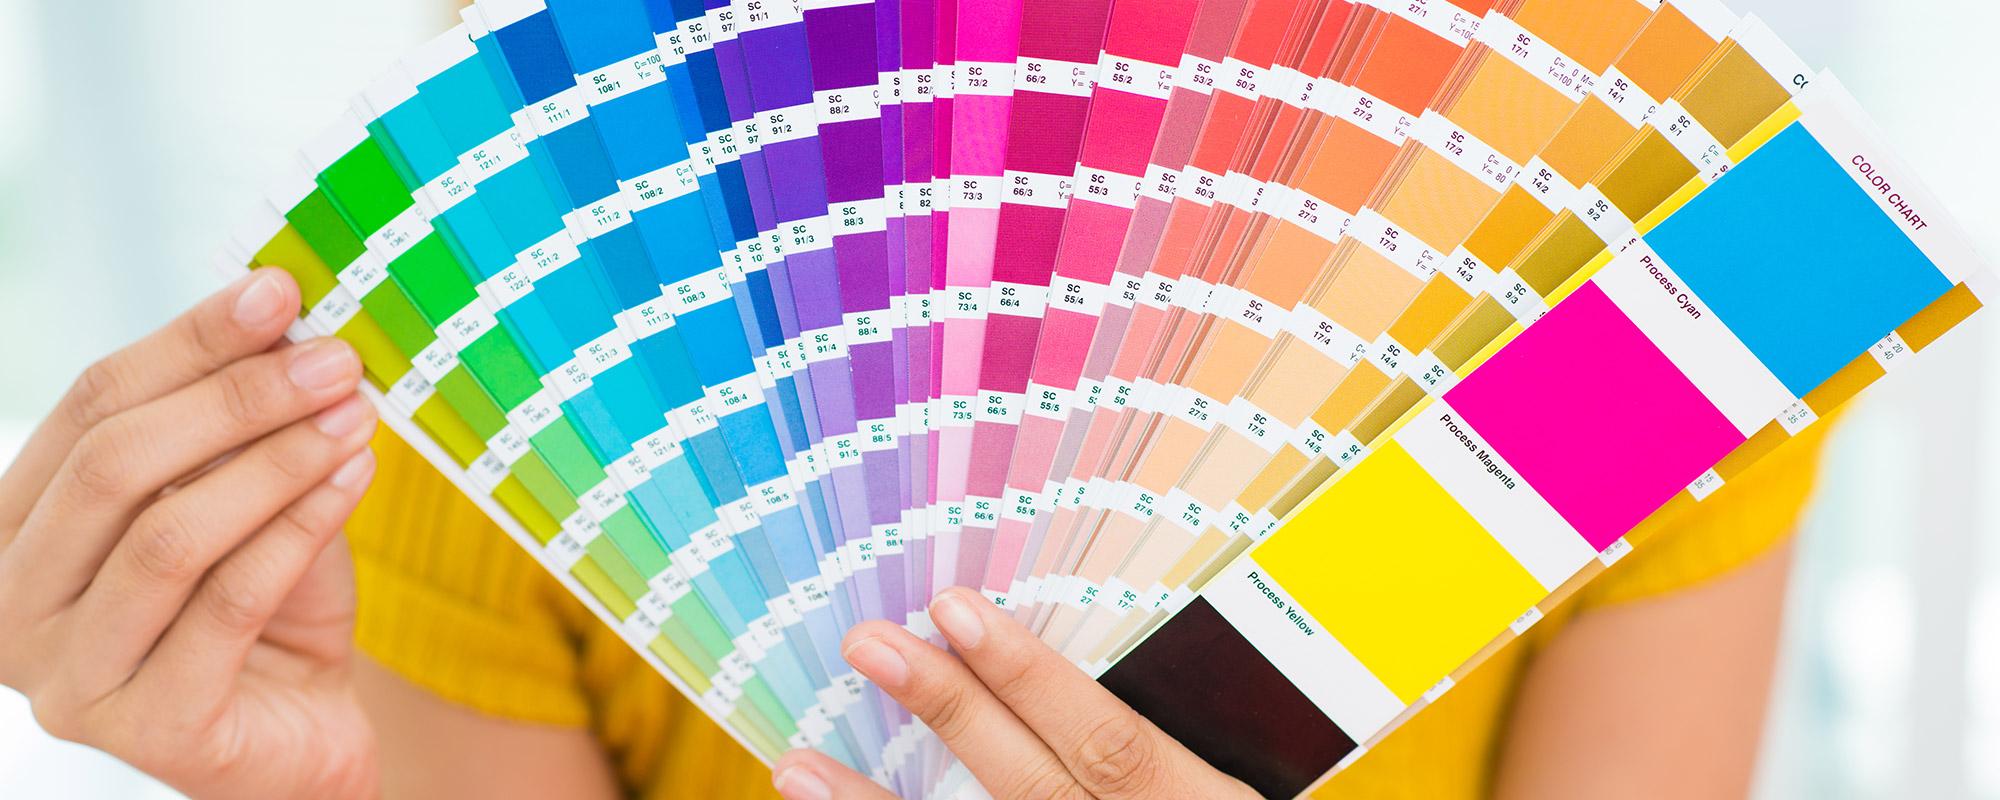 campioni-colori-tesa-screen